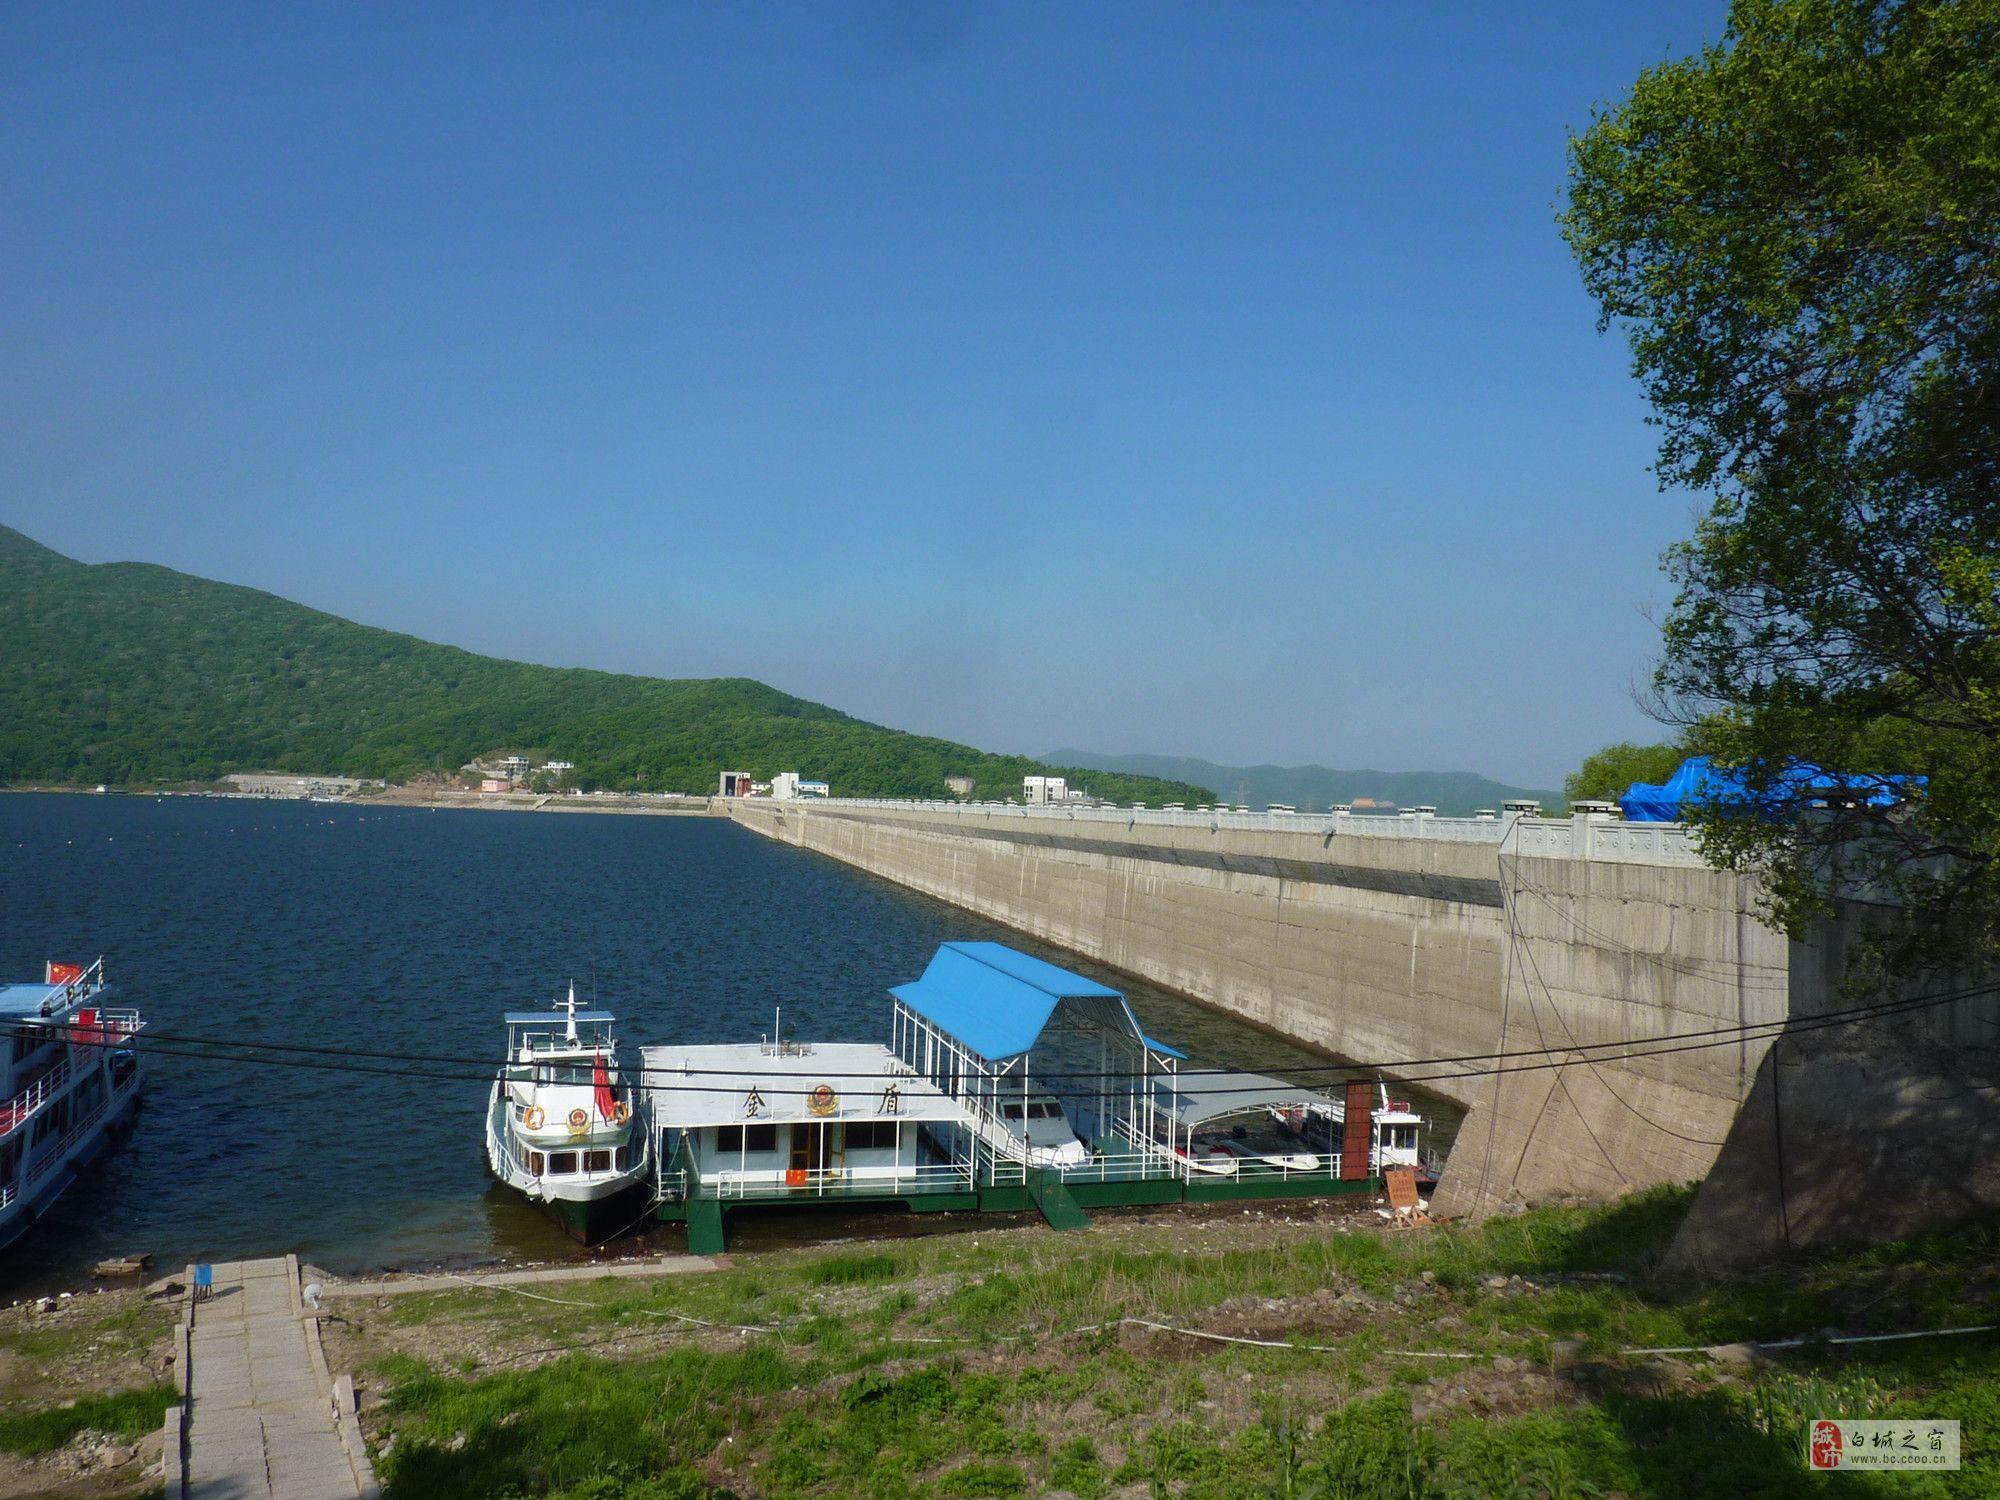 哈尔滨,五大连池,镜泊湖,长白山三卧7日 t1:松花湖,魔界风景区,长白山